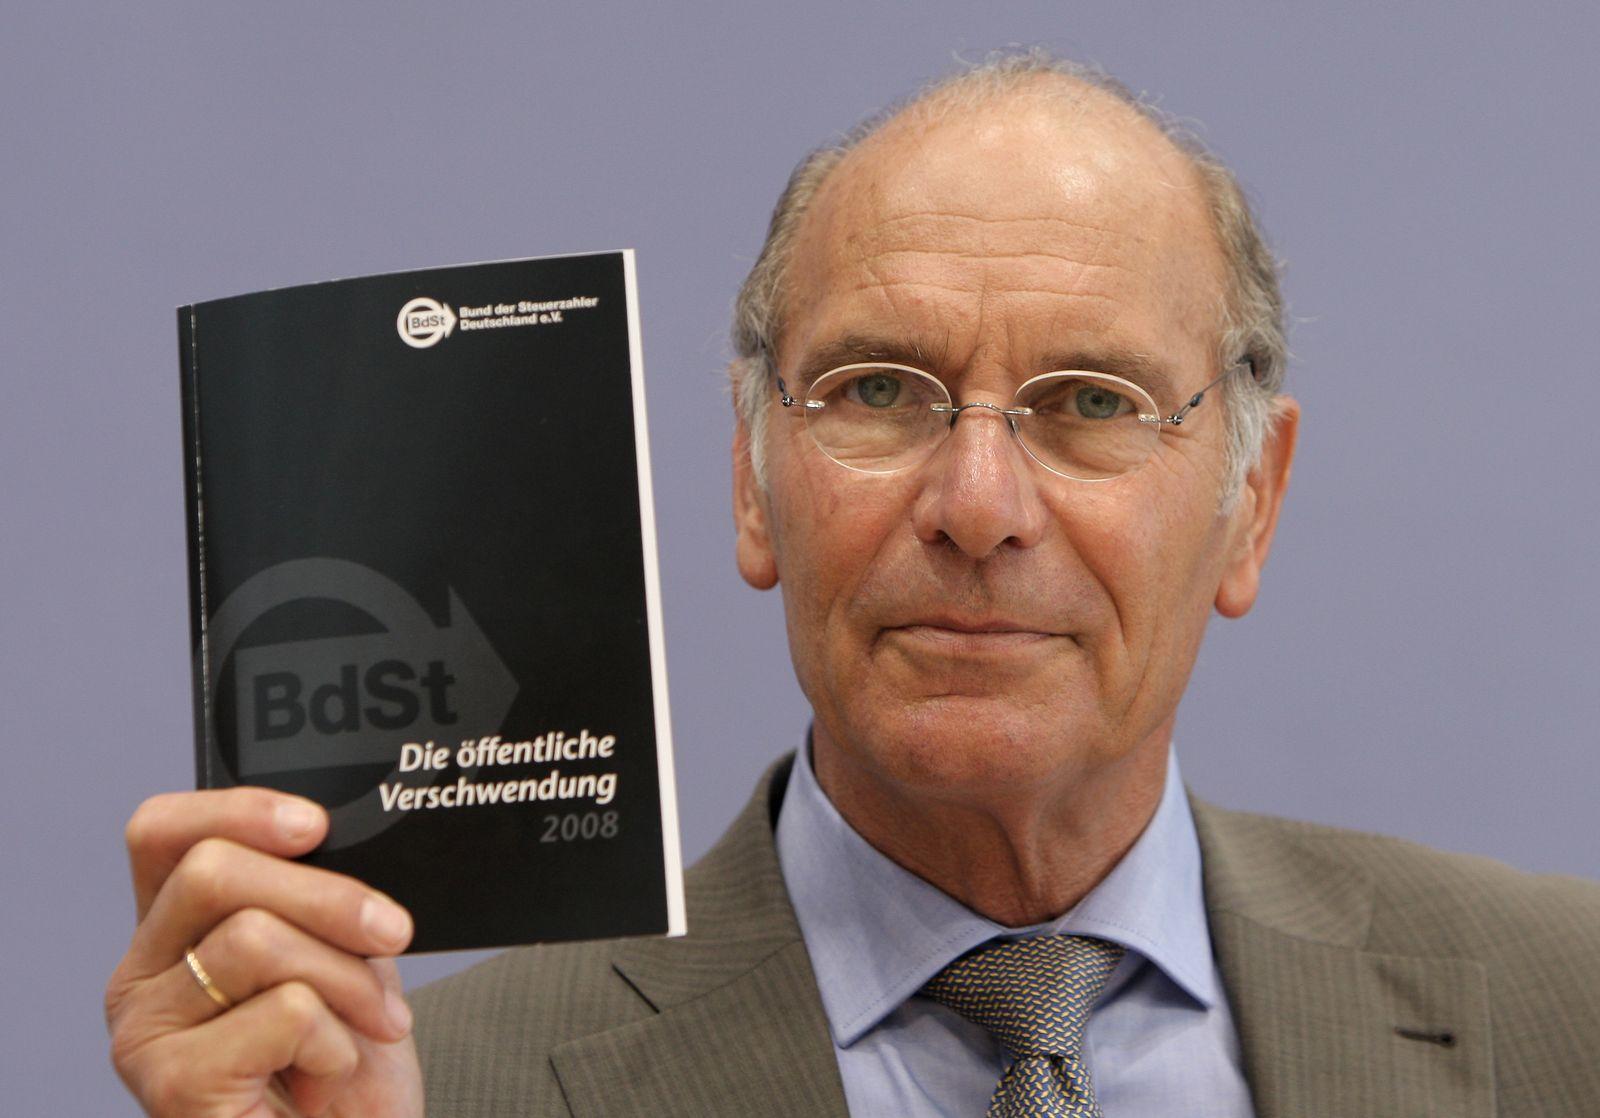 Däke / Bund der Steuerzahler / Schwarzbuch